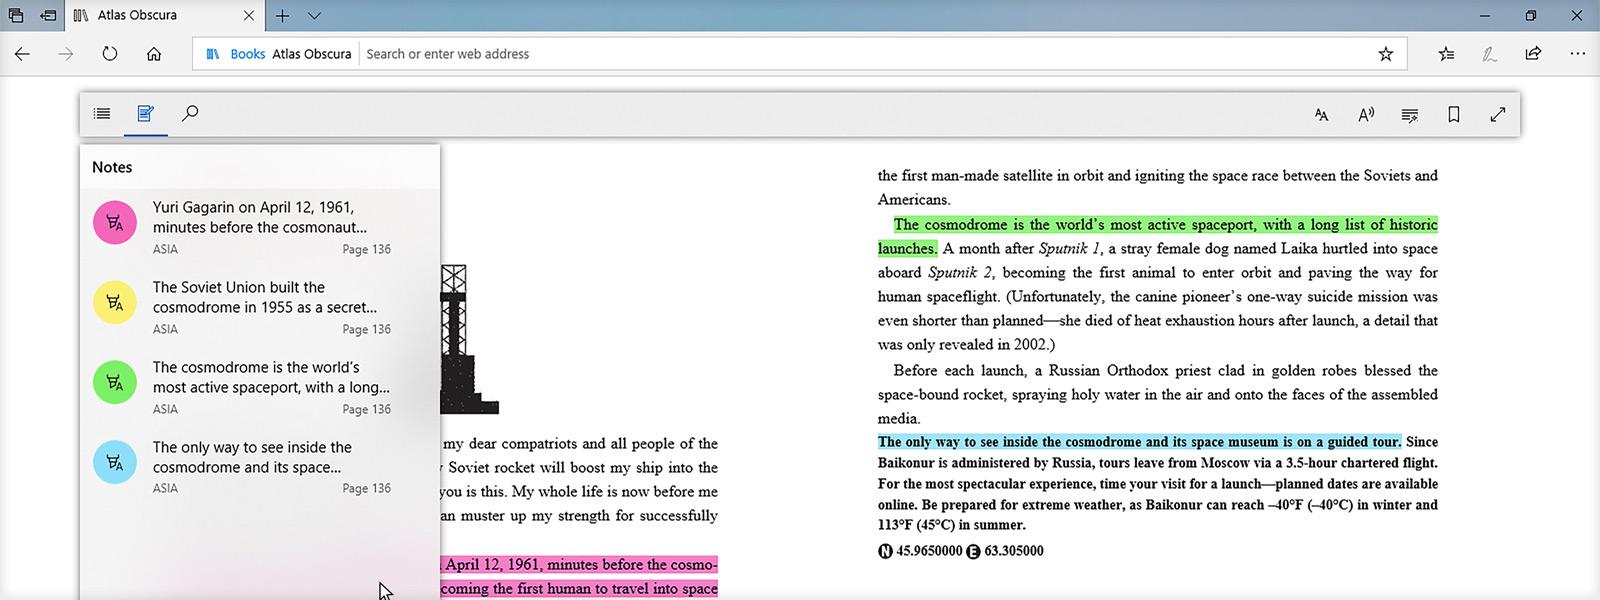 Slika koja prikazuje markiranje teksta tokom čitanja knjiga u pregledaču Microsoft Edge